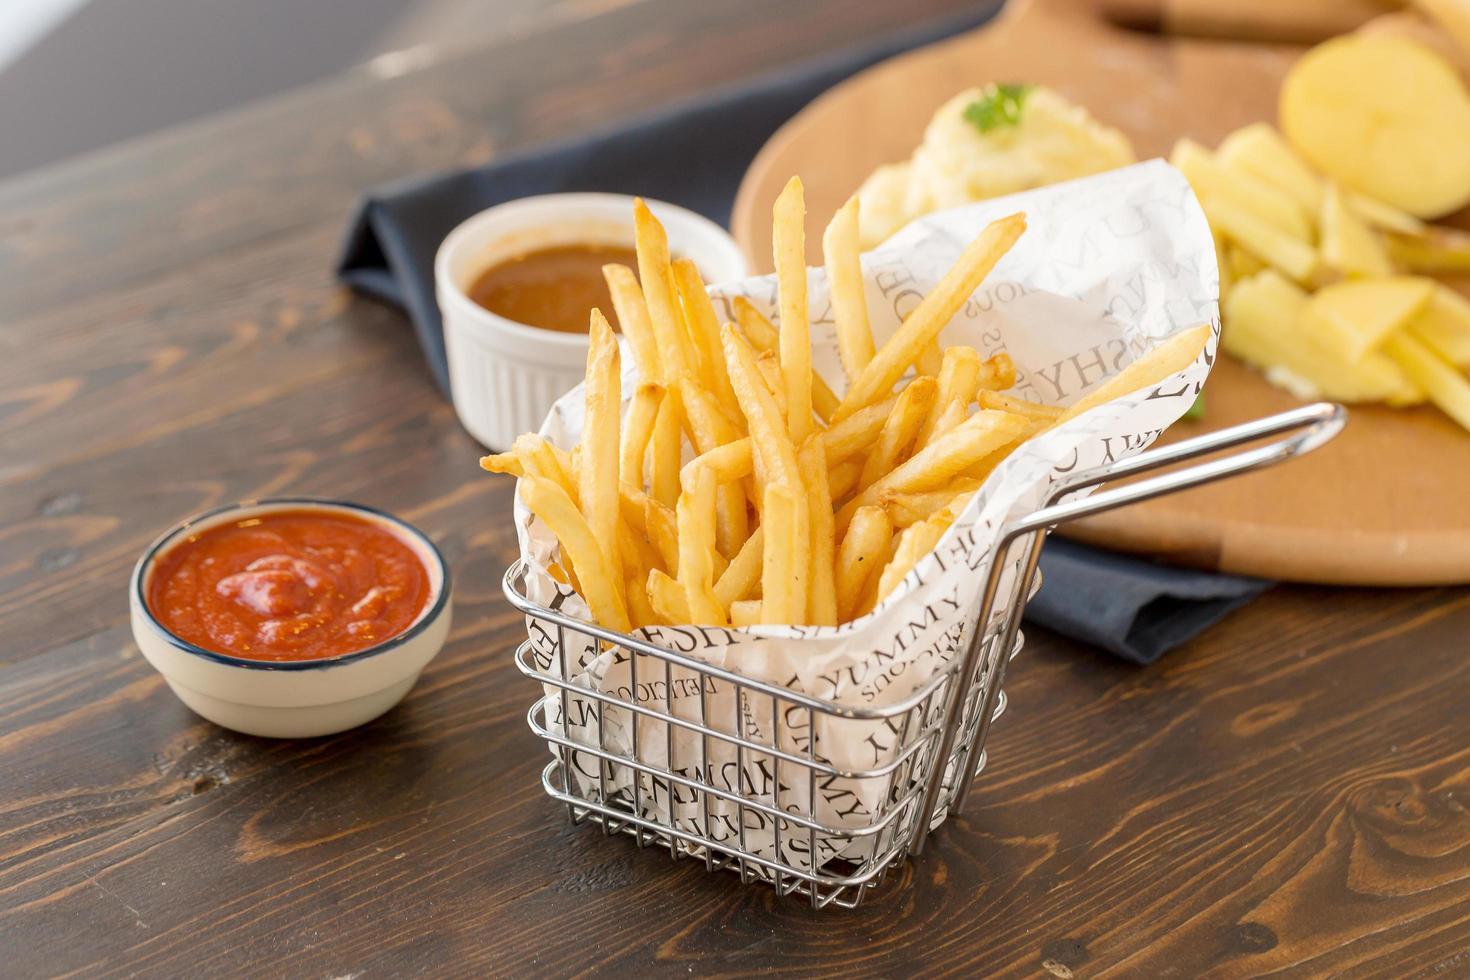 Pommes mit Ketchup auf Holztisch foto